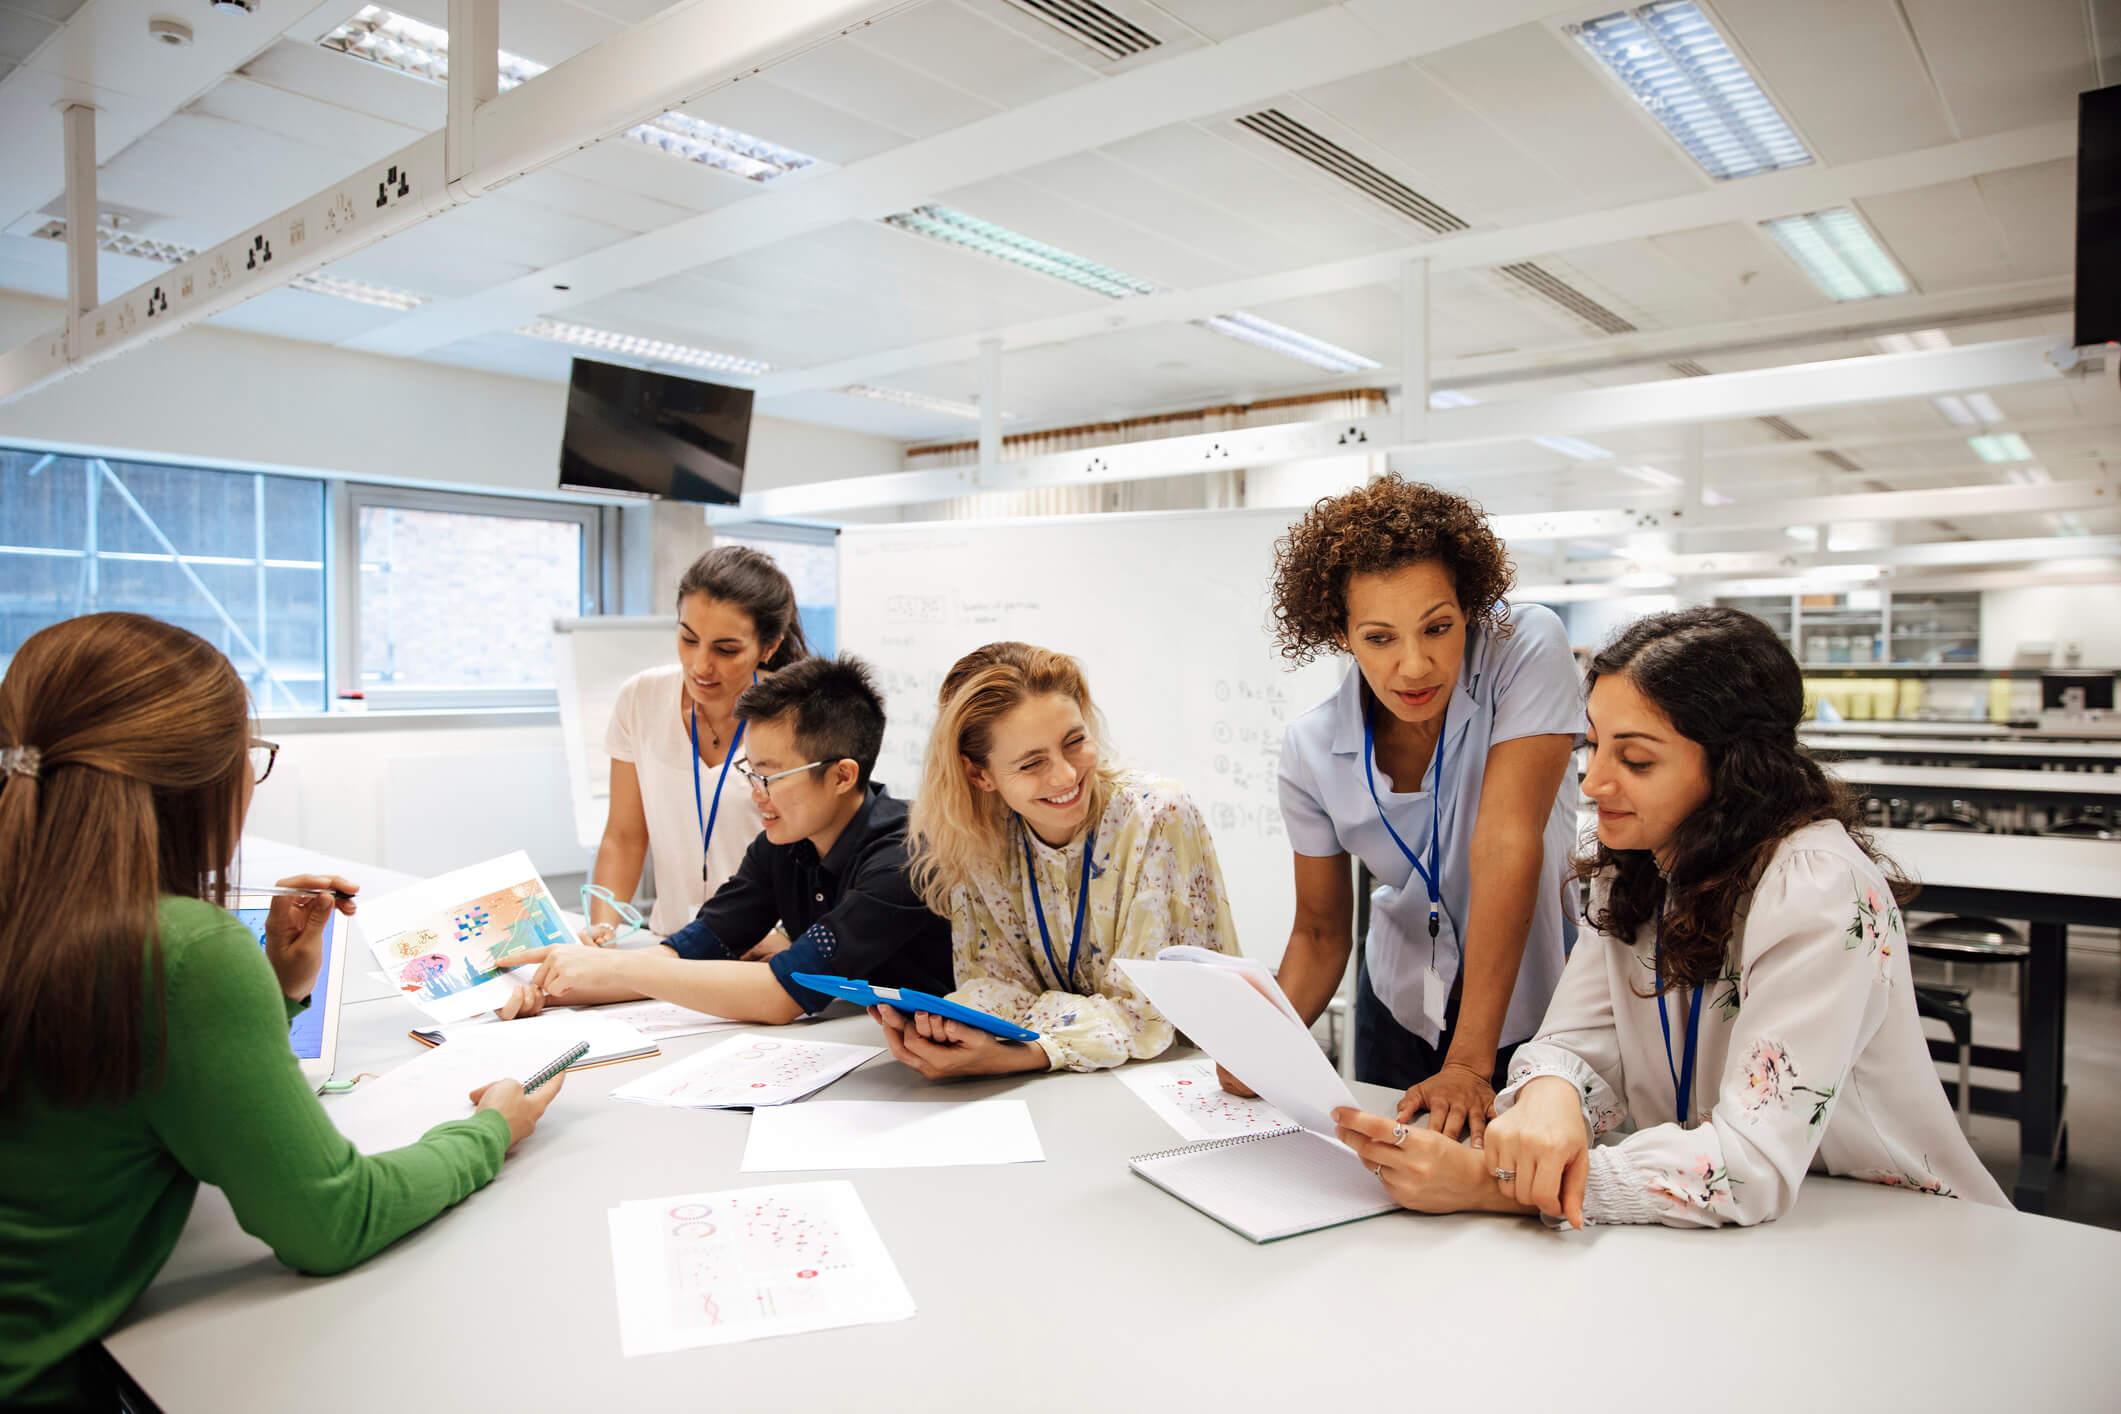 314030-por-que-realizar-cursos-tecnicos-abrem-oportunidades-de-carreira